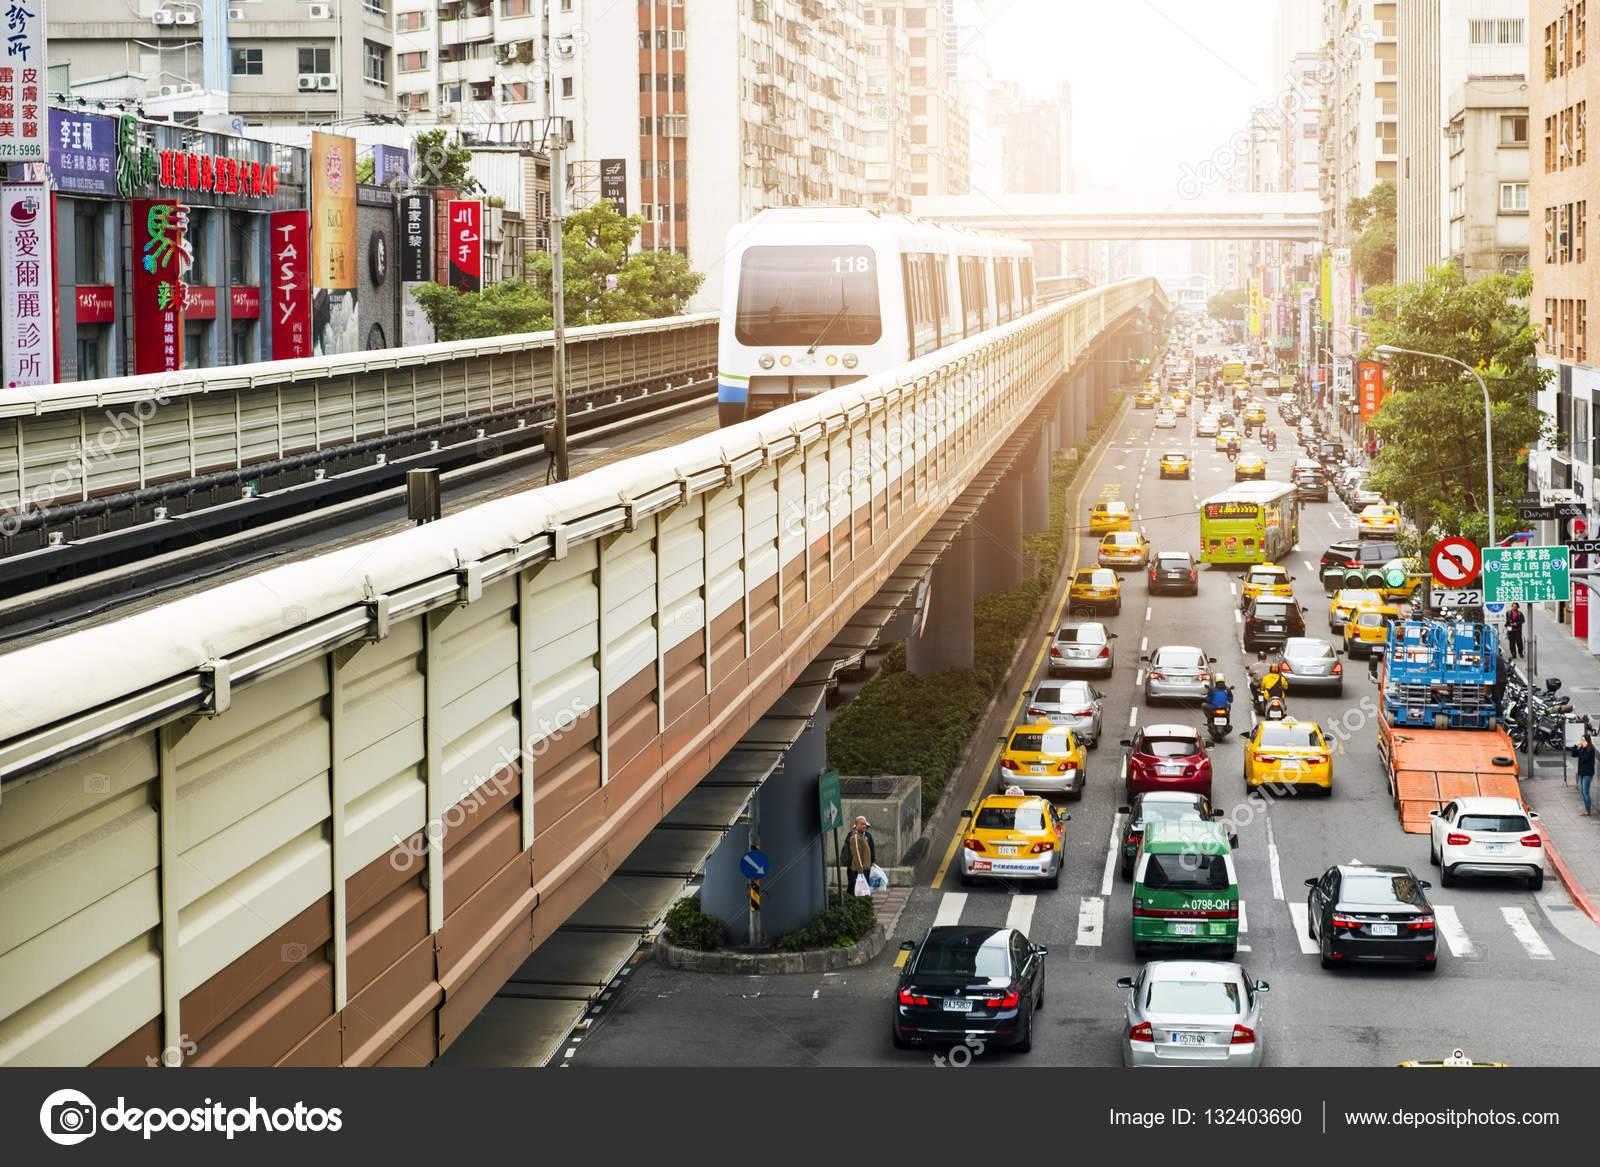 Движение в китае дорожное и его особенности - туризм в китае | достопримечательности, отдых и шопинг